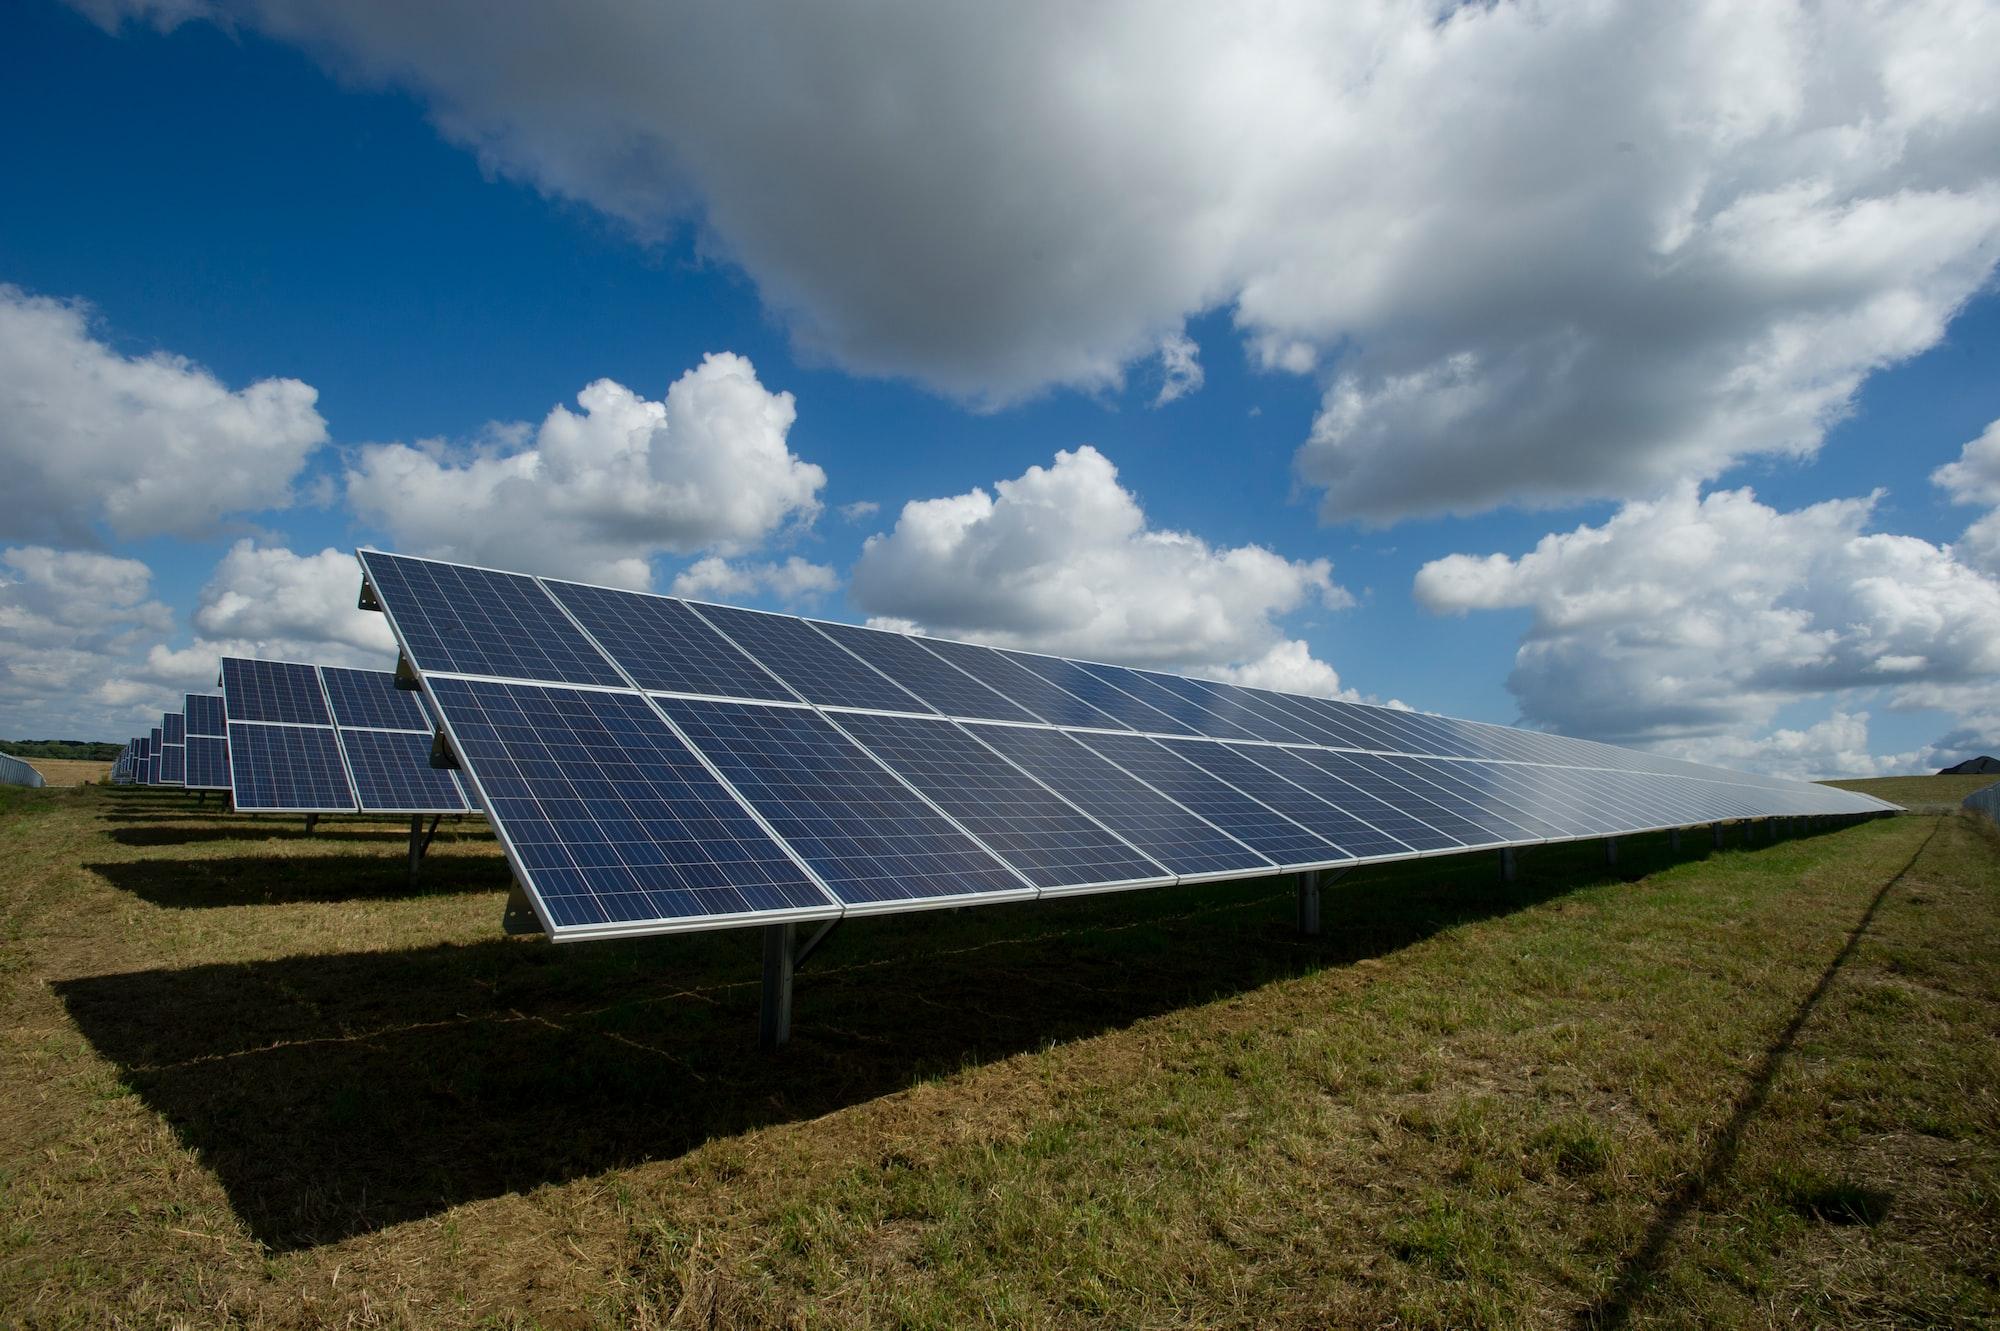 Australia's Energy Crisis